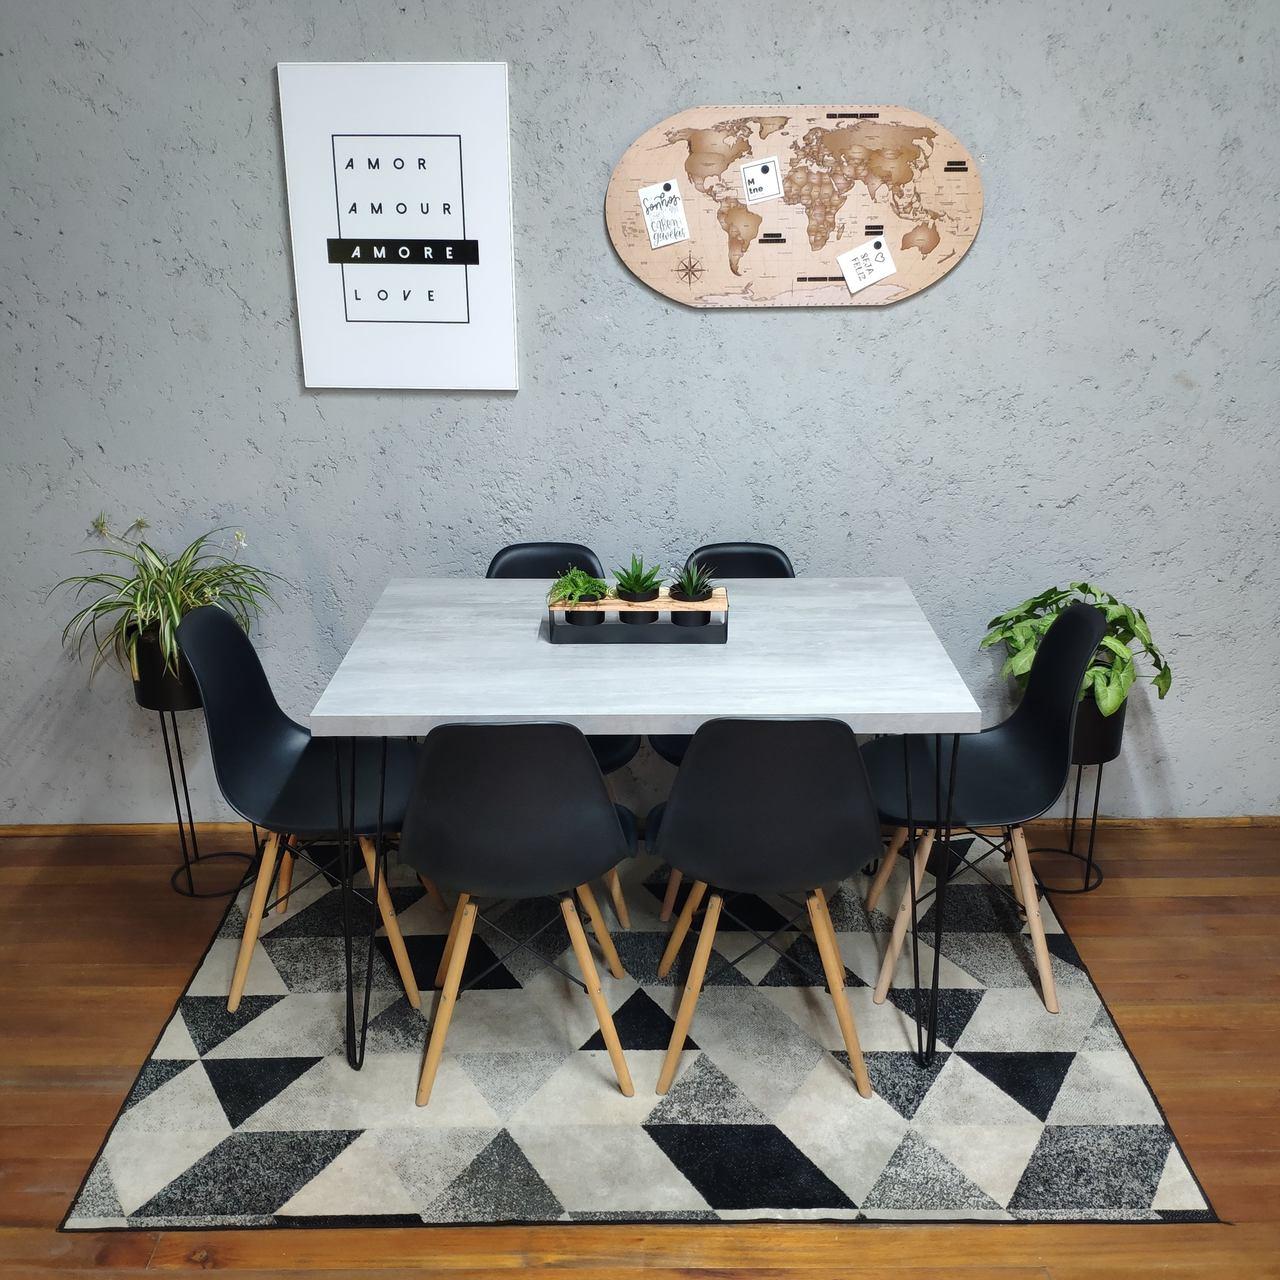 Mesa de Jantar Santorini Hairpin Legs 90x140 com 6 Cadeiras Eames Pretas